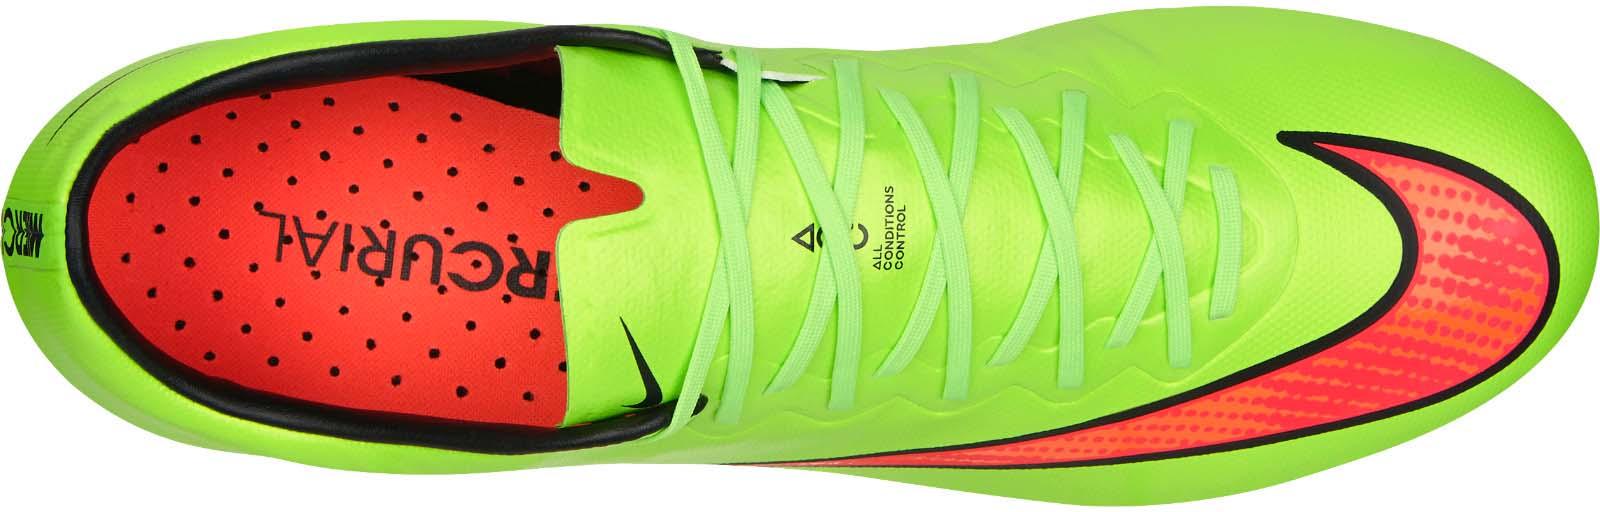 Nike-Mercurial-Vapor-X-Green (4).jpg